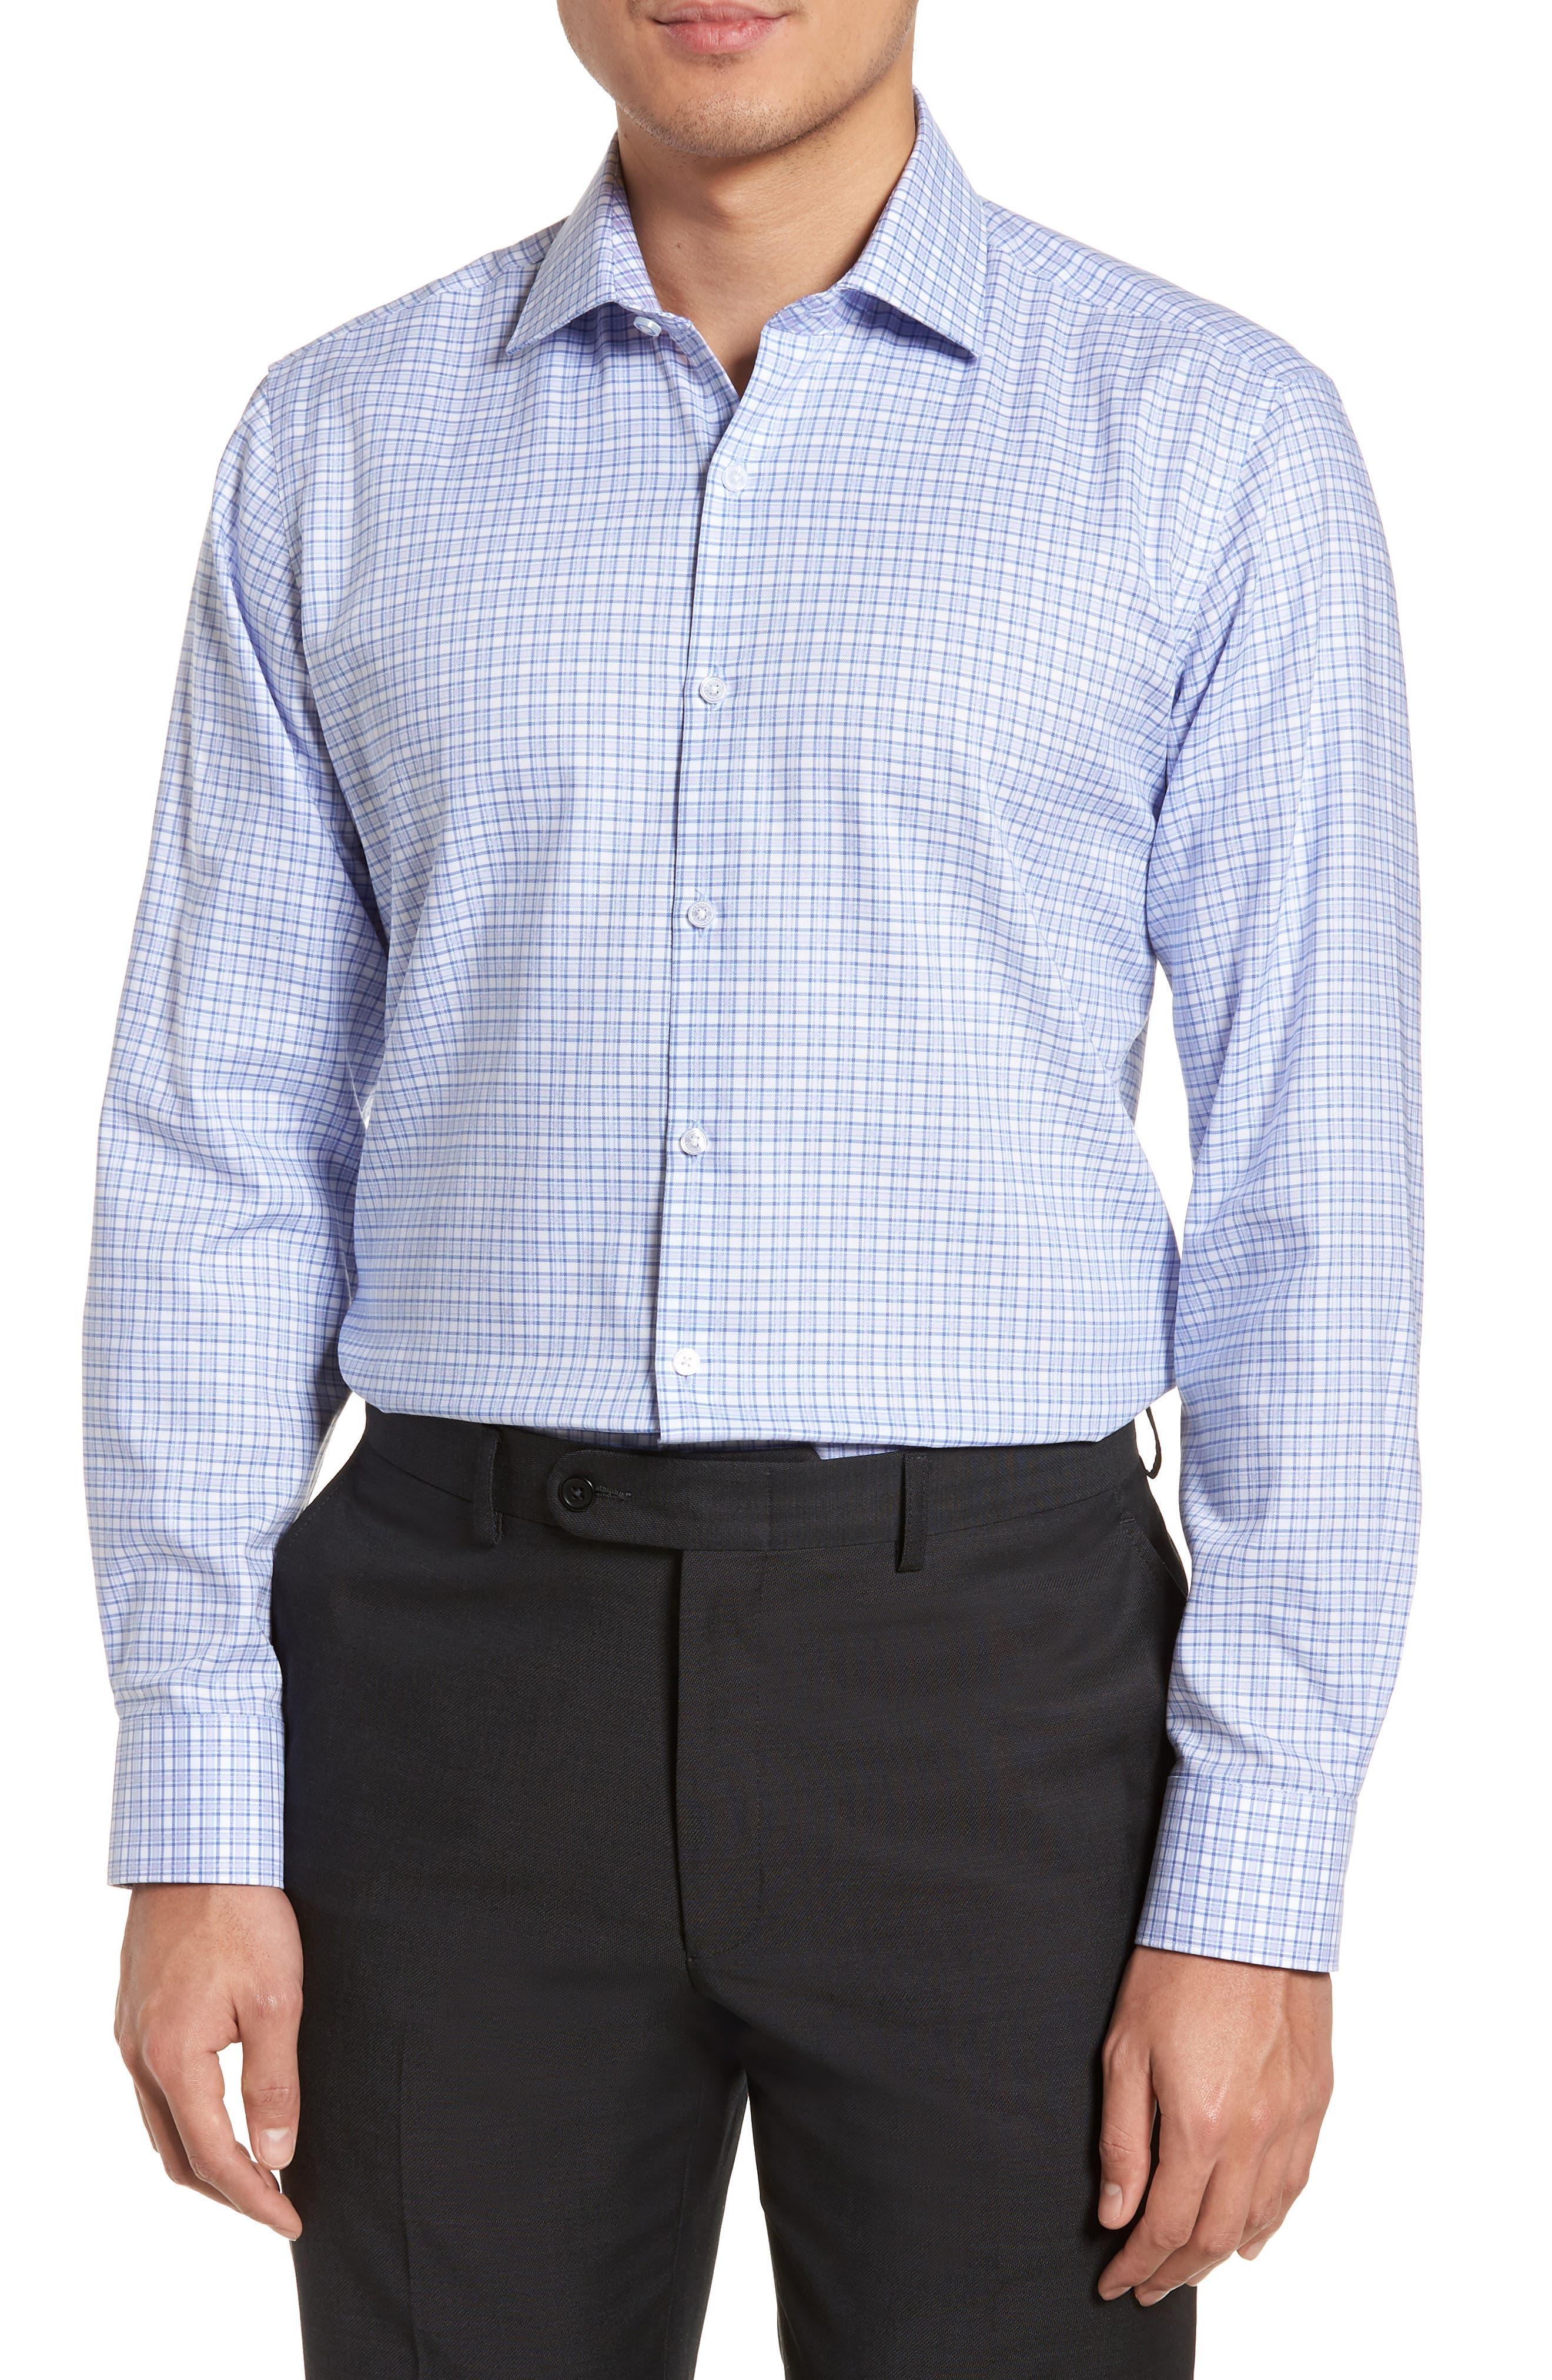 Nas Trim Fit Plaid Dress Shirt,                         Main,                         color, 430